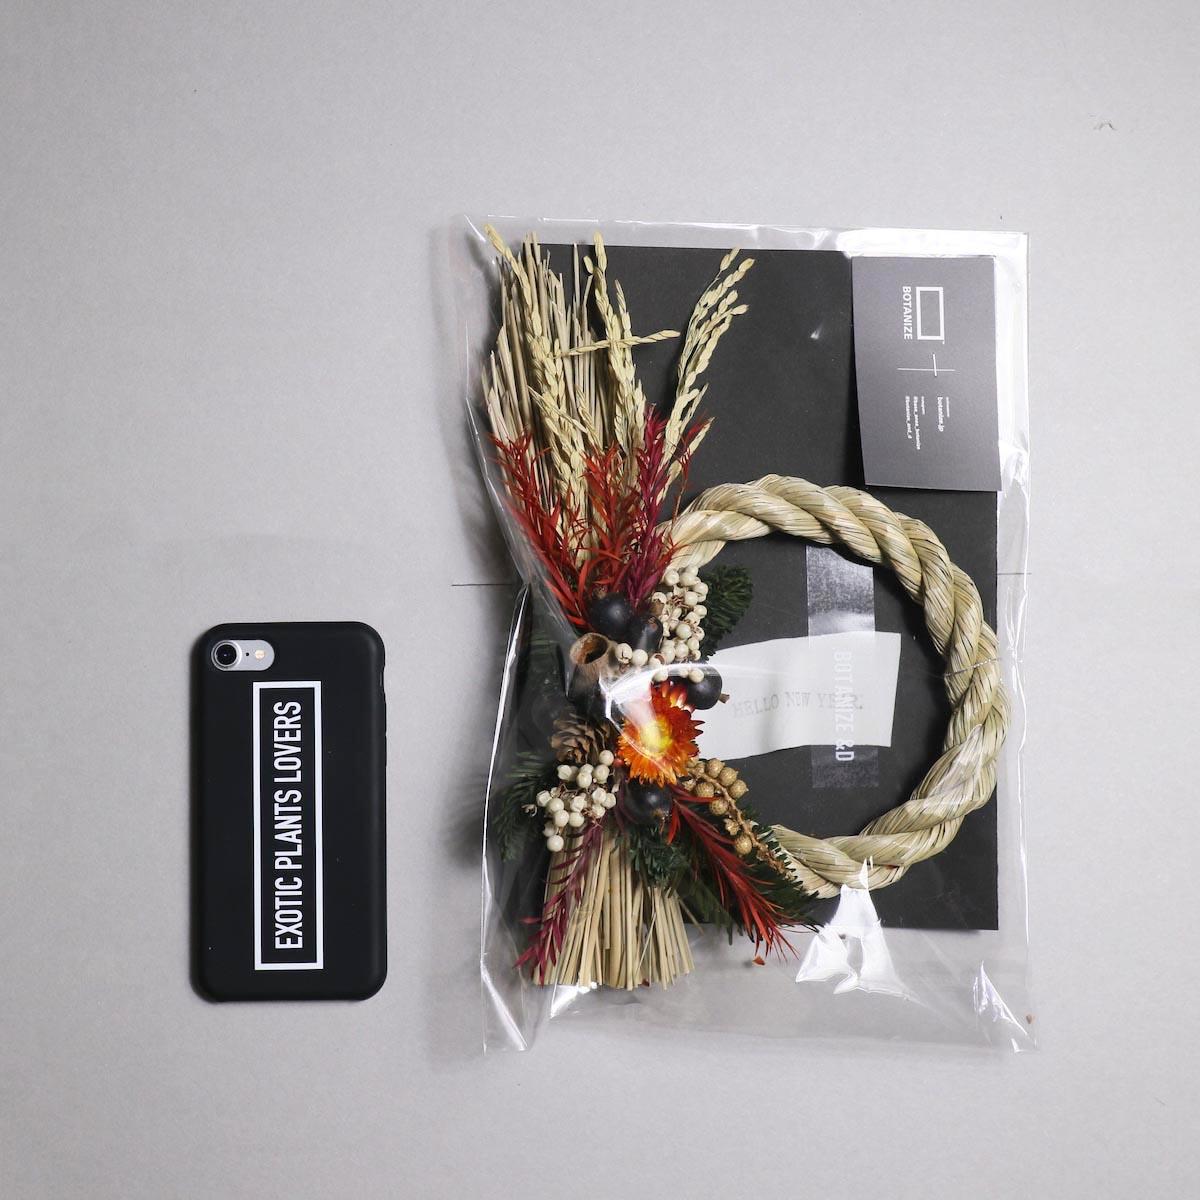 BOTANIZE&D / SHIMENAWA wreathe -S- (typeA) サイズ感 (iphone7との比較)